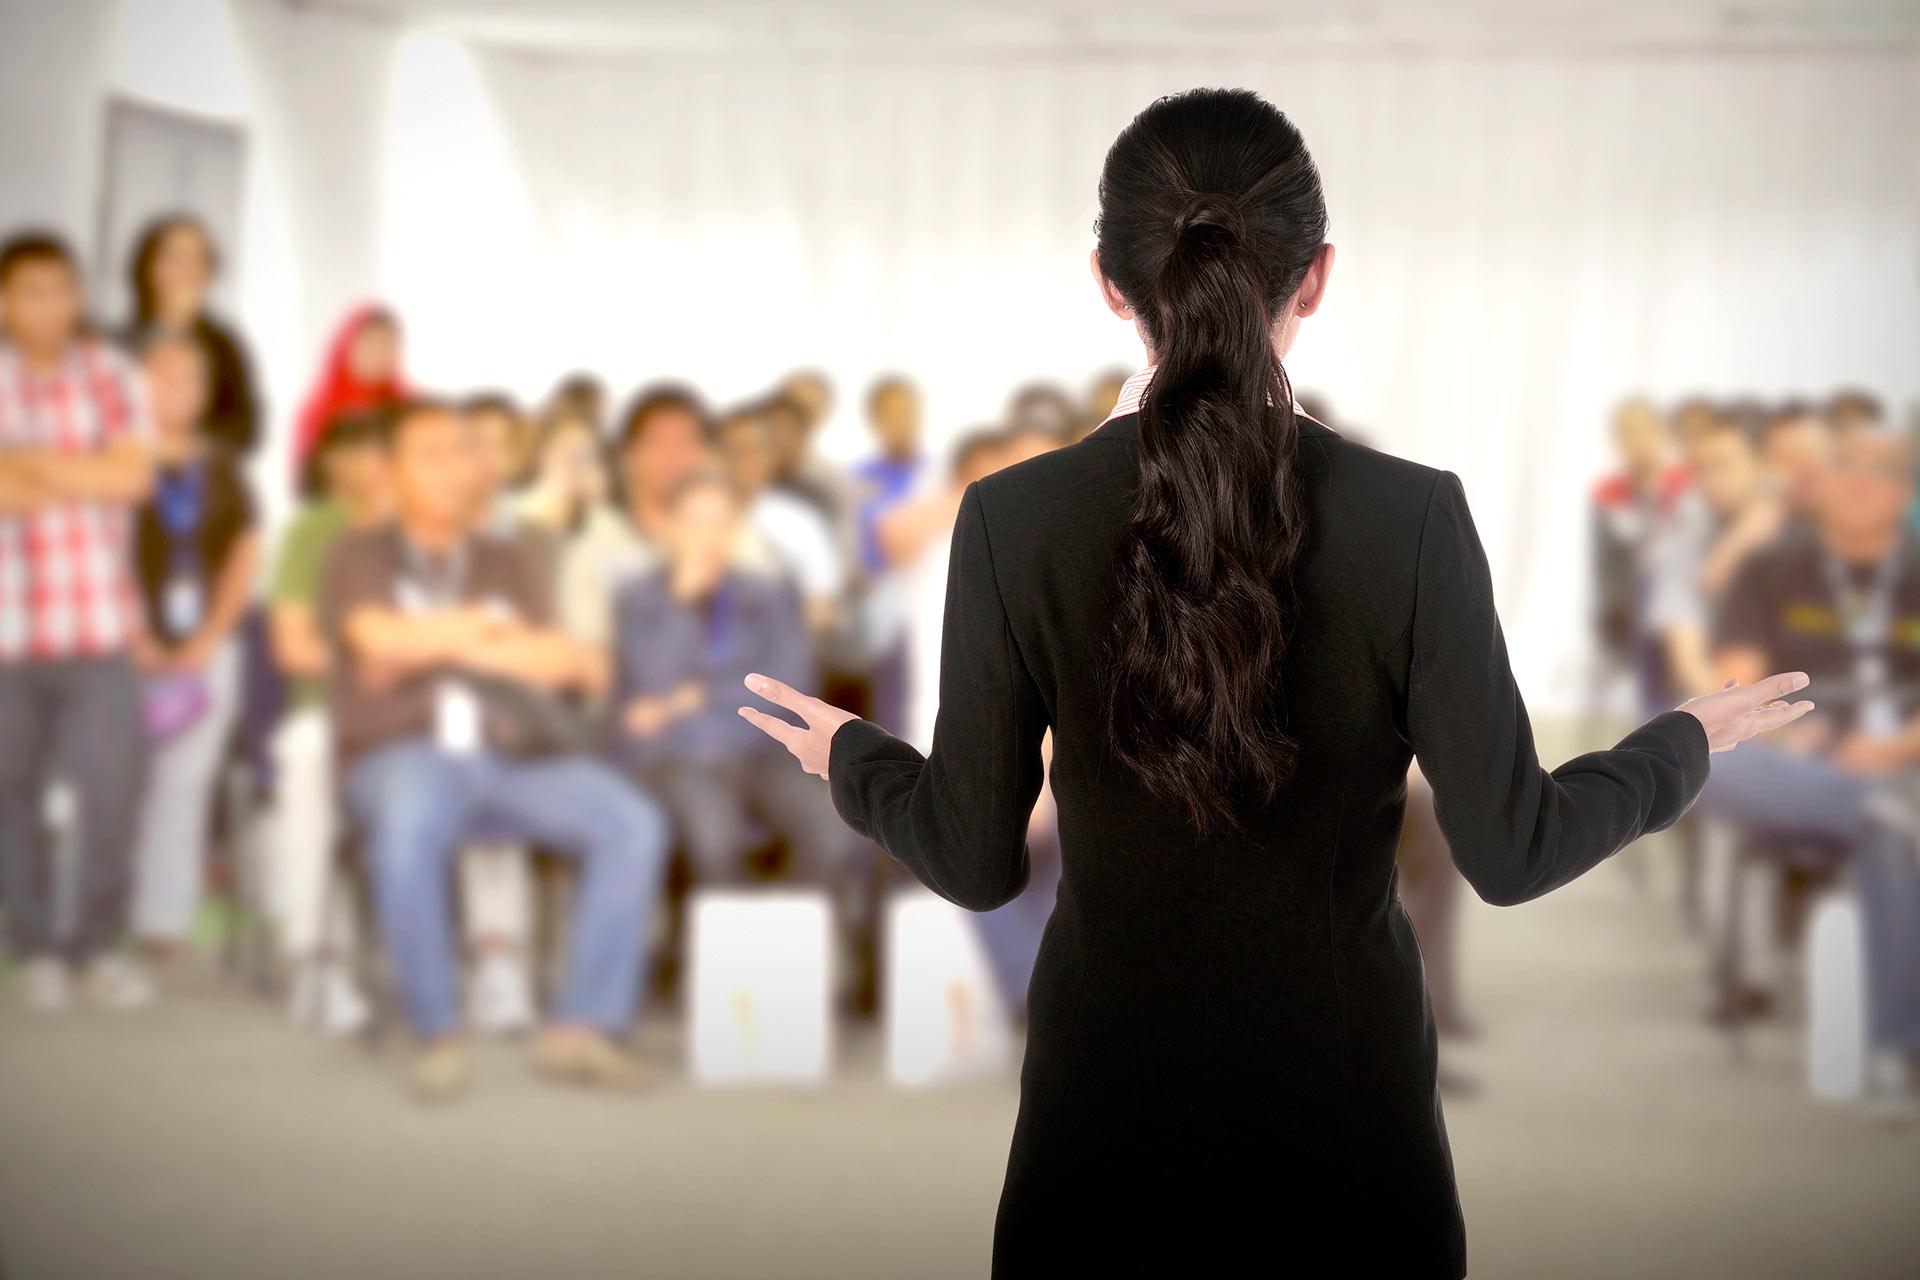 Простые способы заинтересовать аудиторию при публичном выступлении. Управляйте аудиторией.